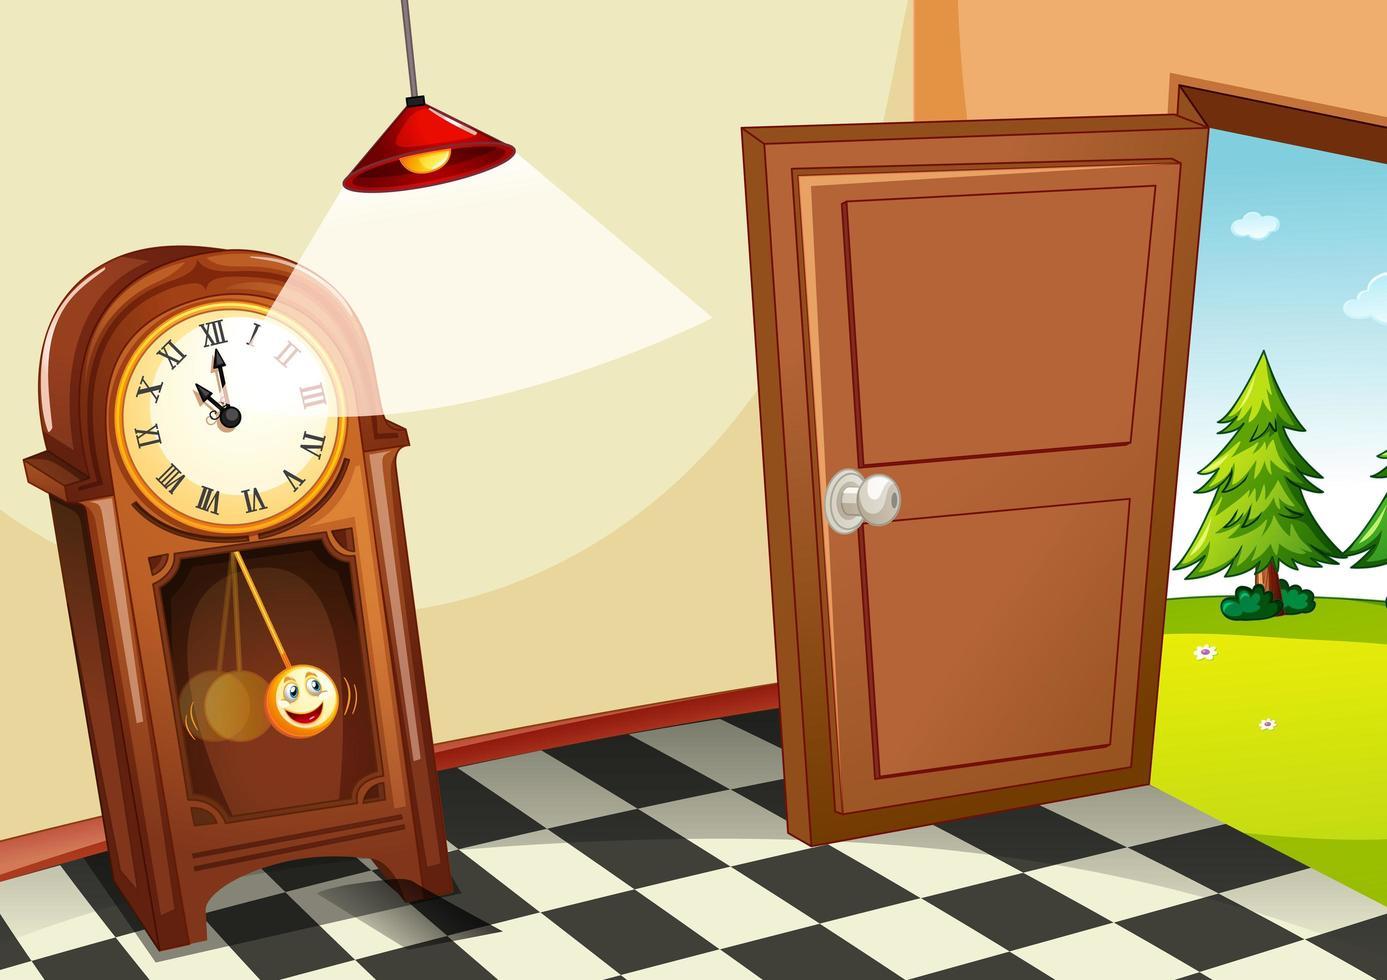 reloj de madera vintage en la habitación vector